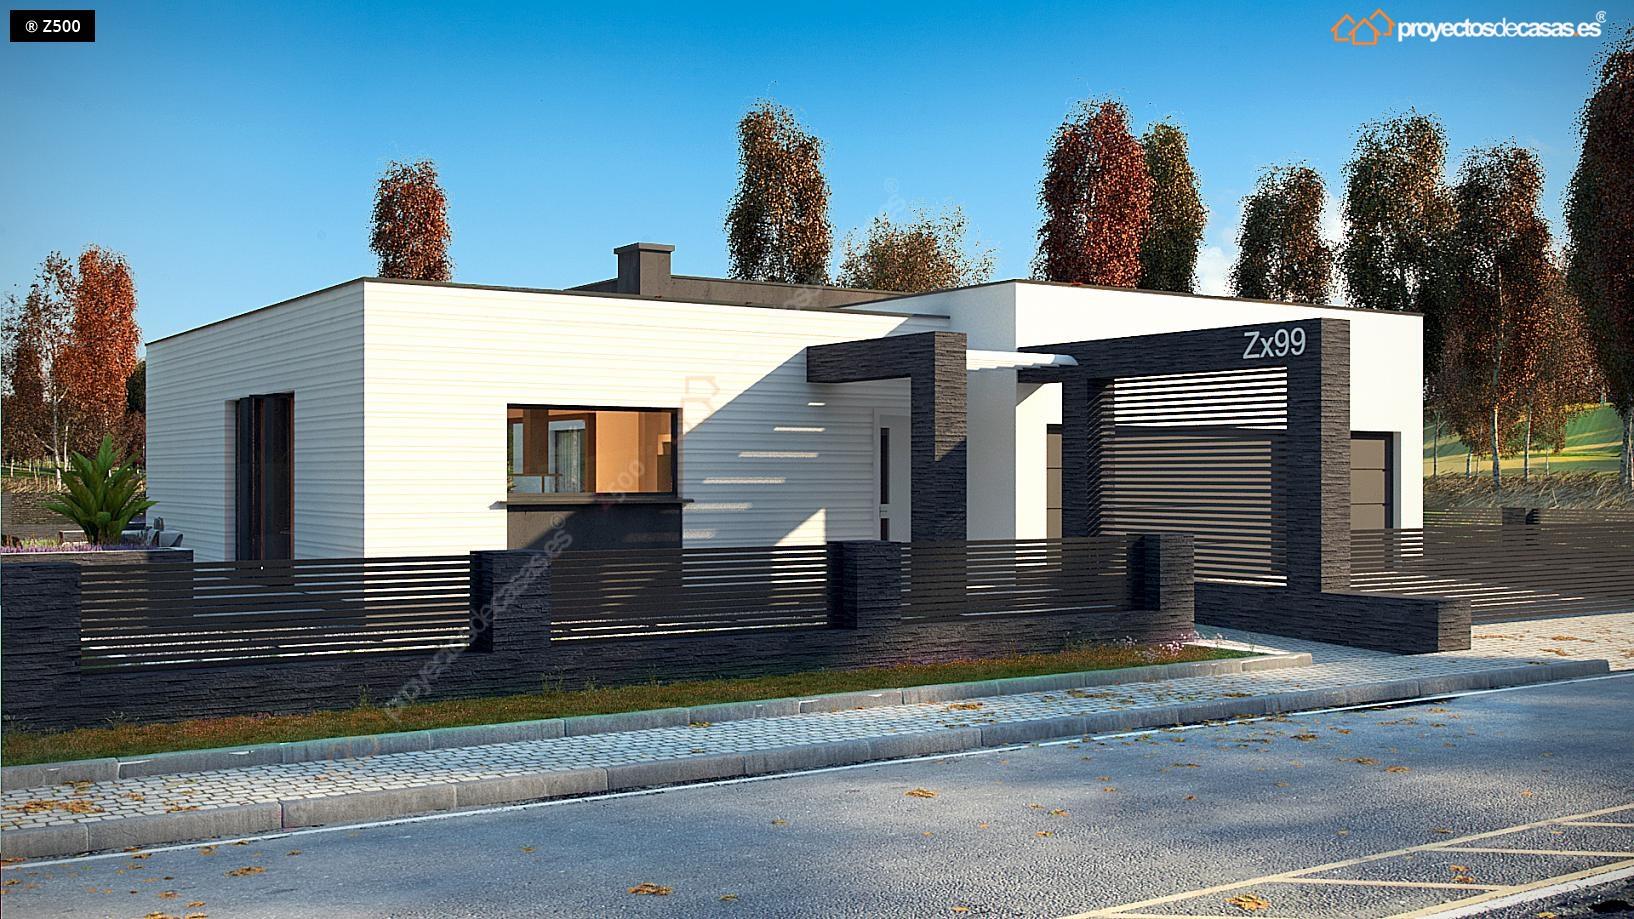 Proyectos de Casas | Casa Moderna de 1 planta con piscina ...